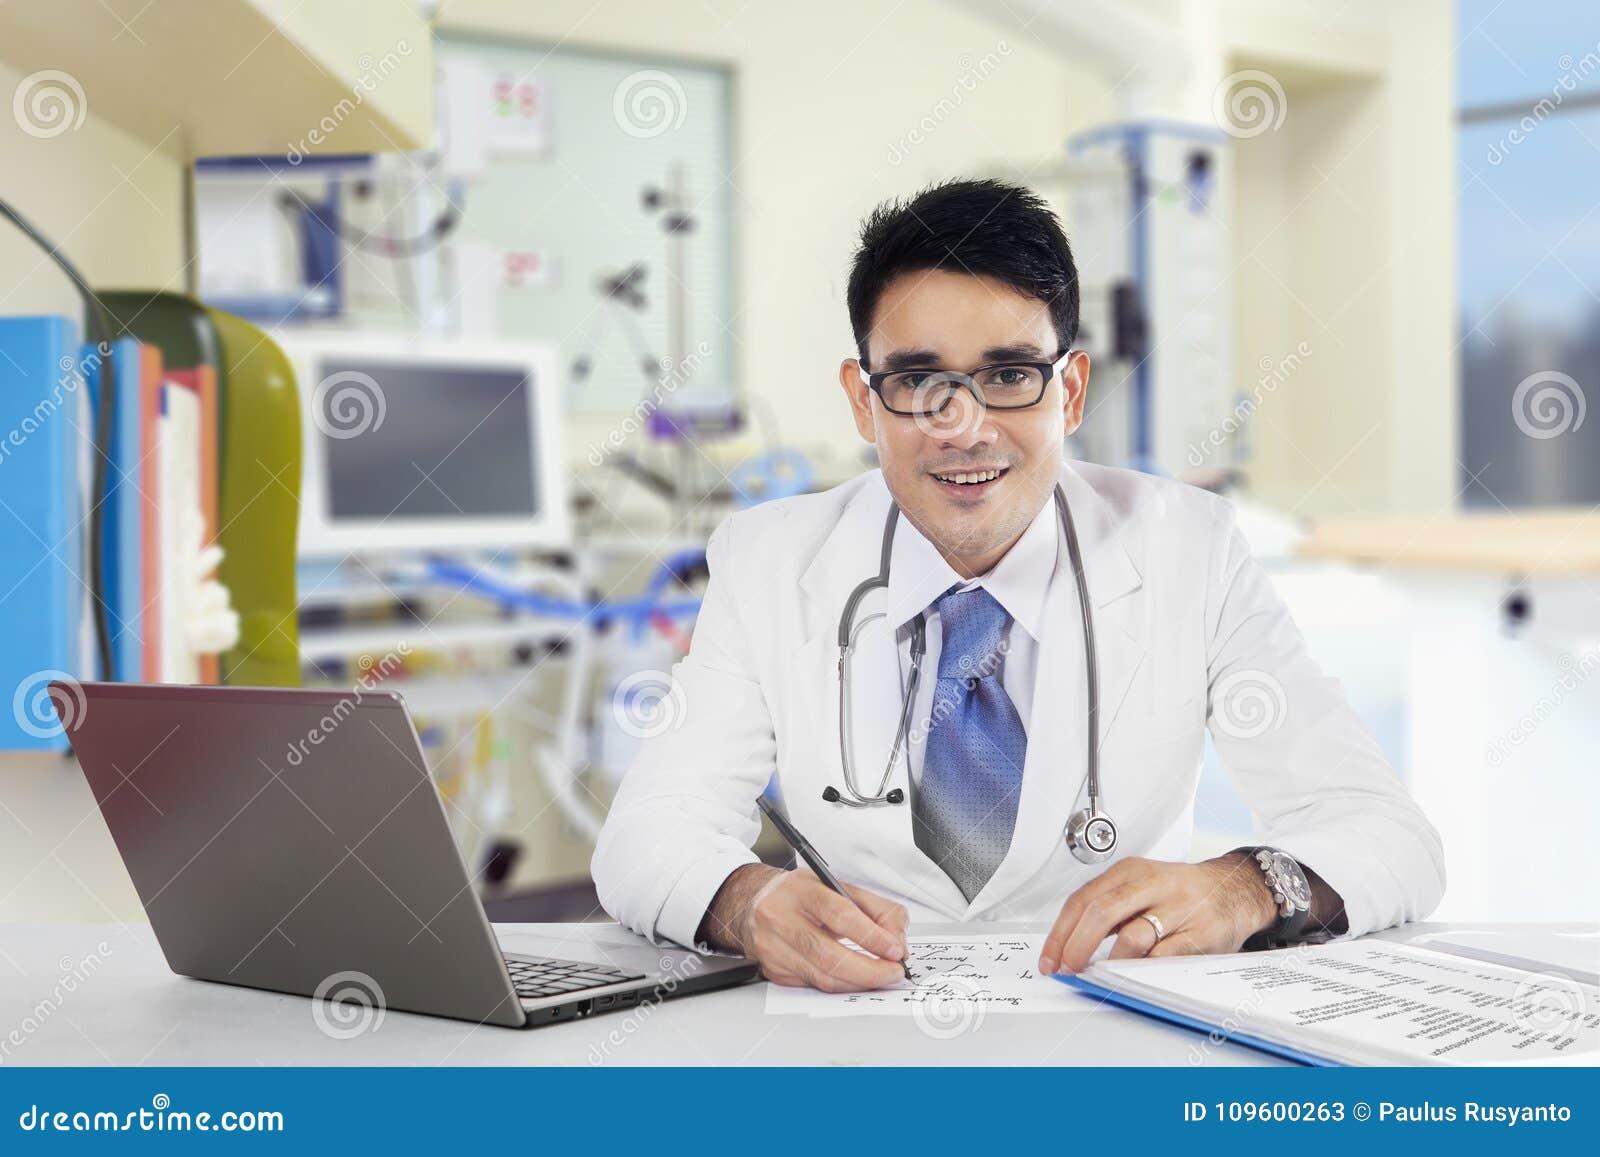 Le Docteur écrit Un Conseil Dans L'hôpital Image stock - Image du on